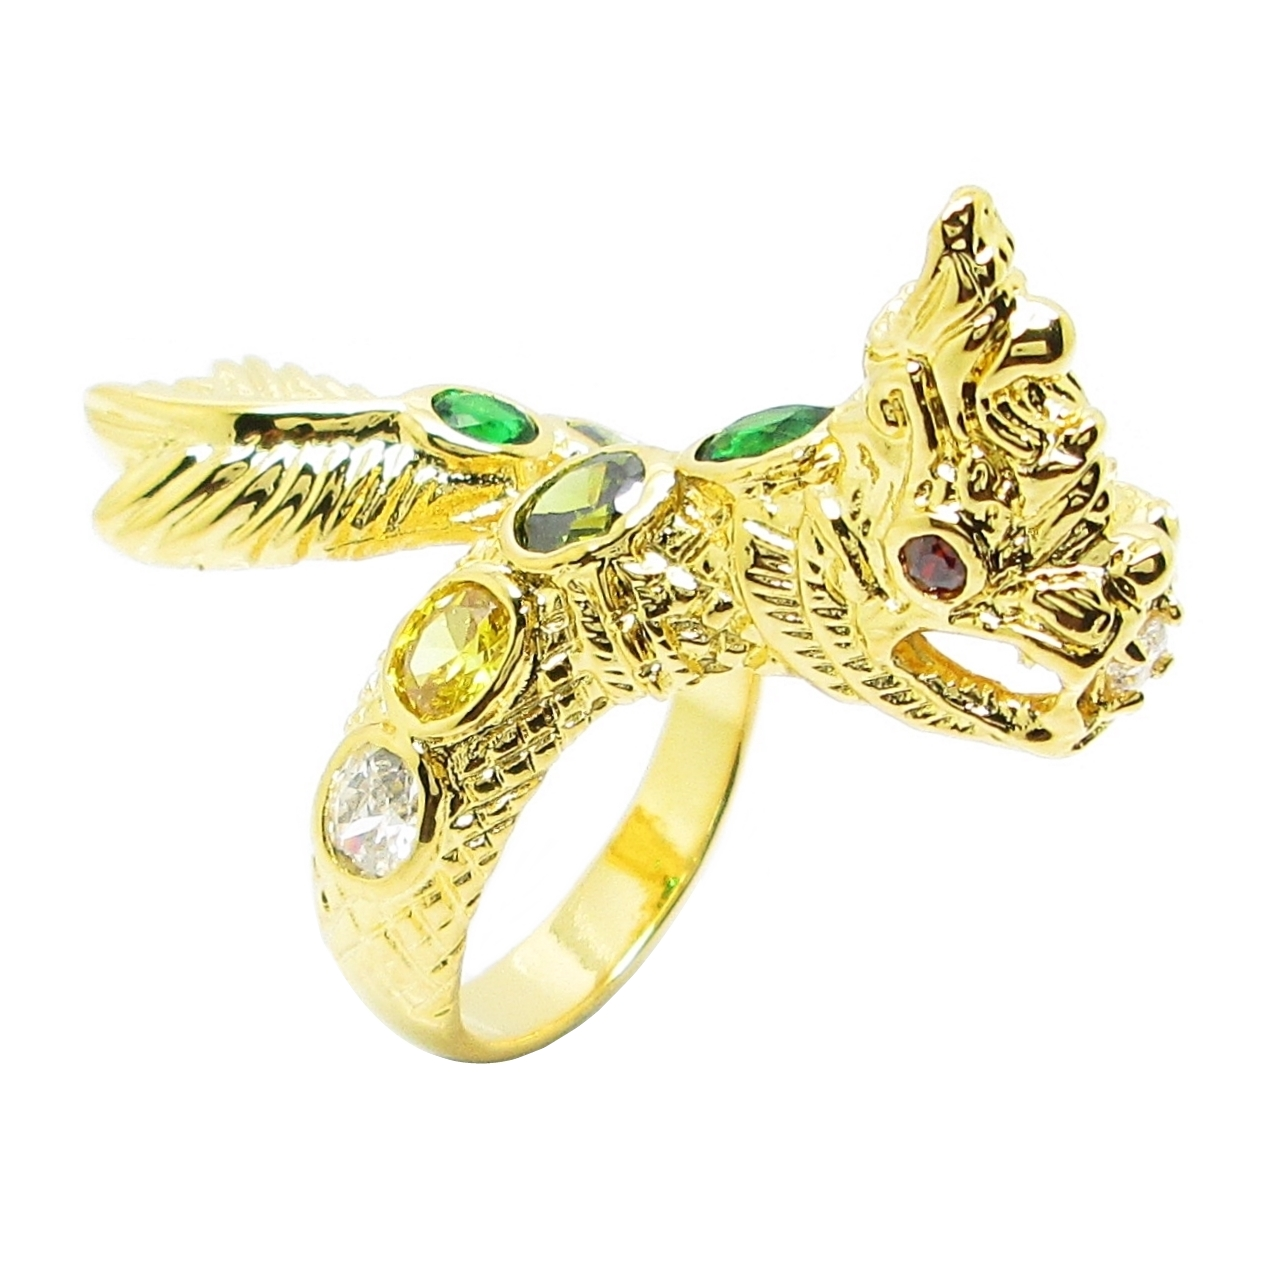 แหวนฟรีไซส์พญานาคประดับพลอยหลากสีชุบทอง